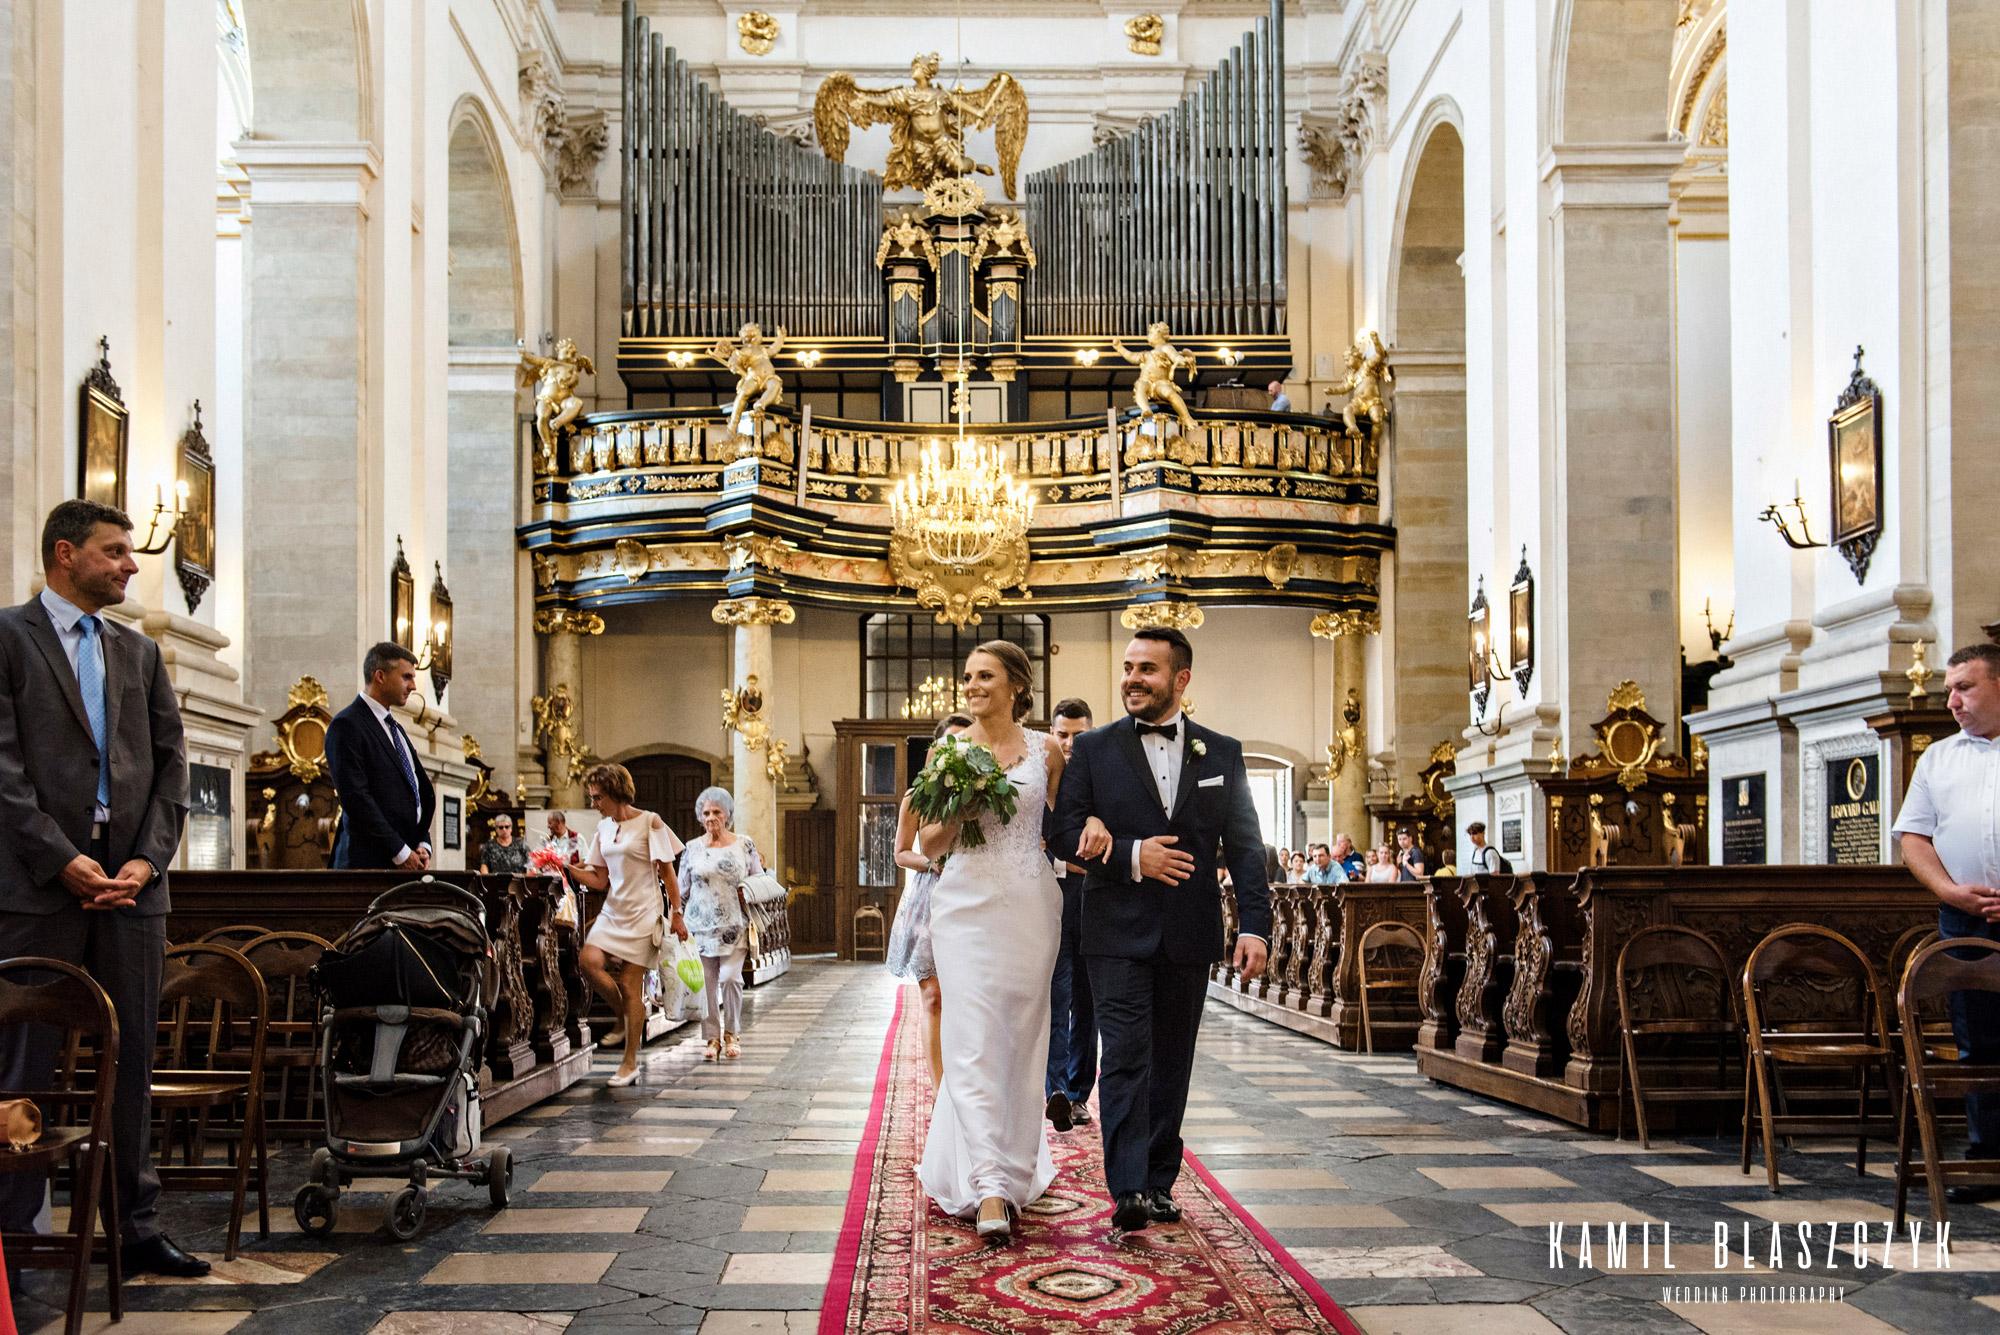 Wejście do kościoła św. Piotra i Pawła w Krakowie przez Karolinę i Adama